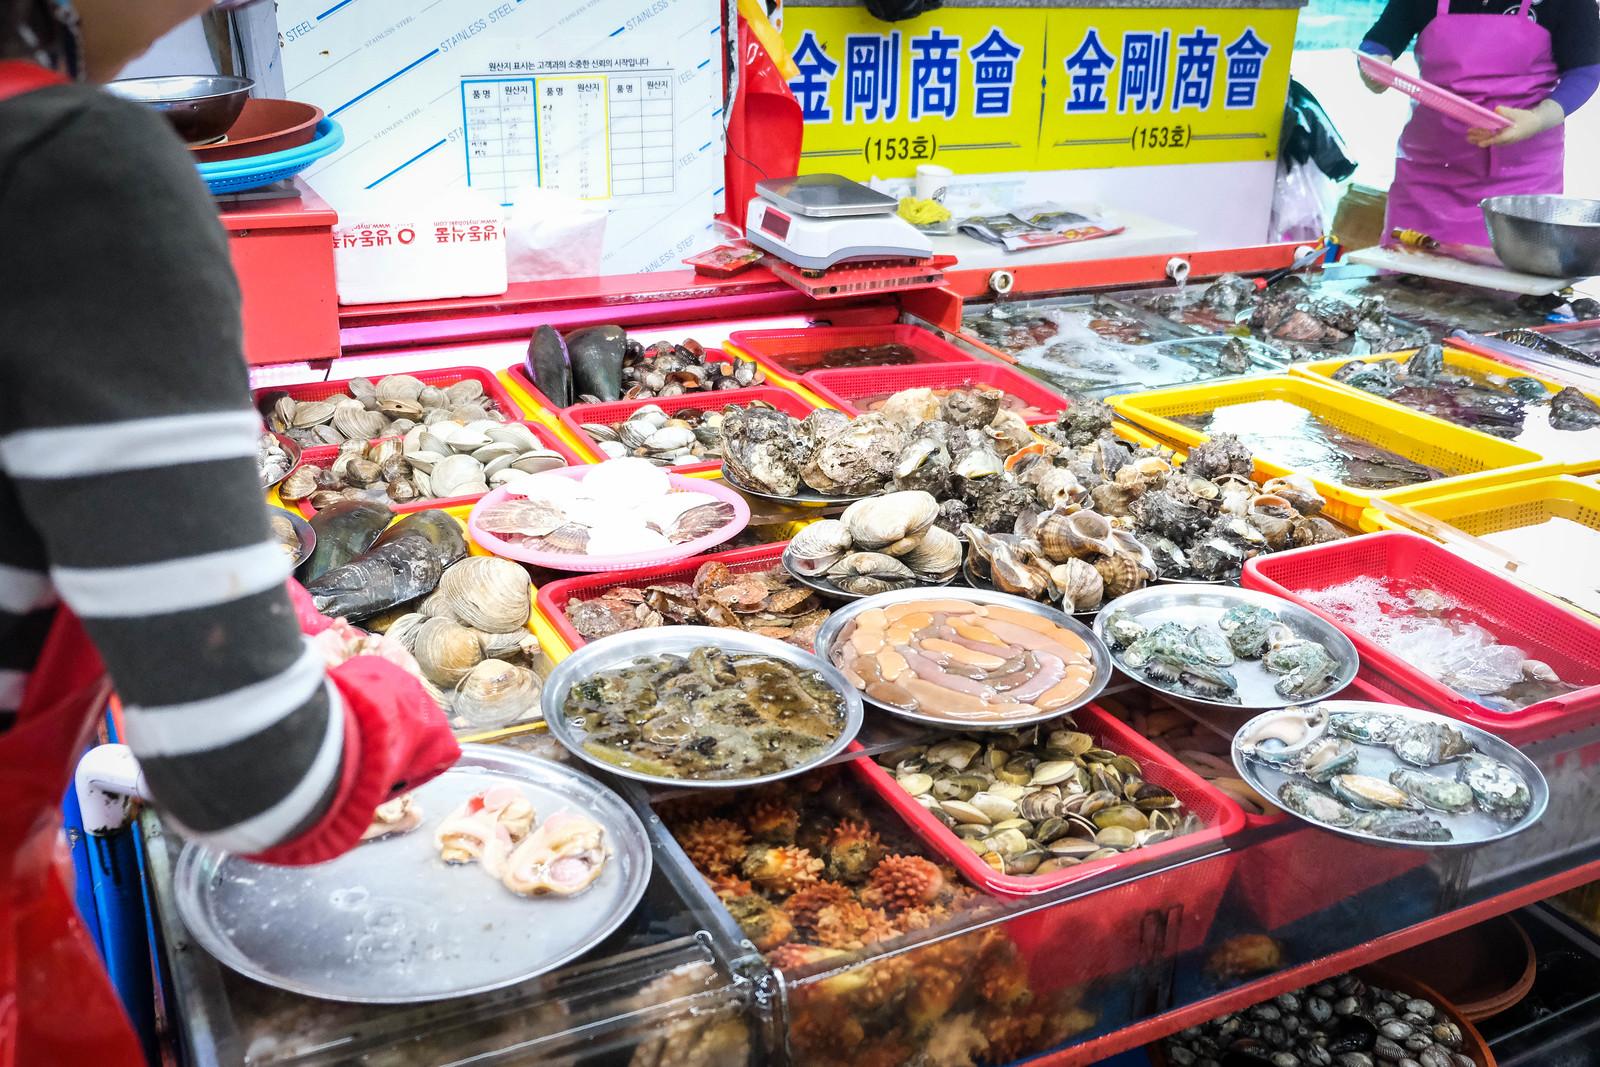 札嘎其市场海鲜上显示